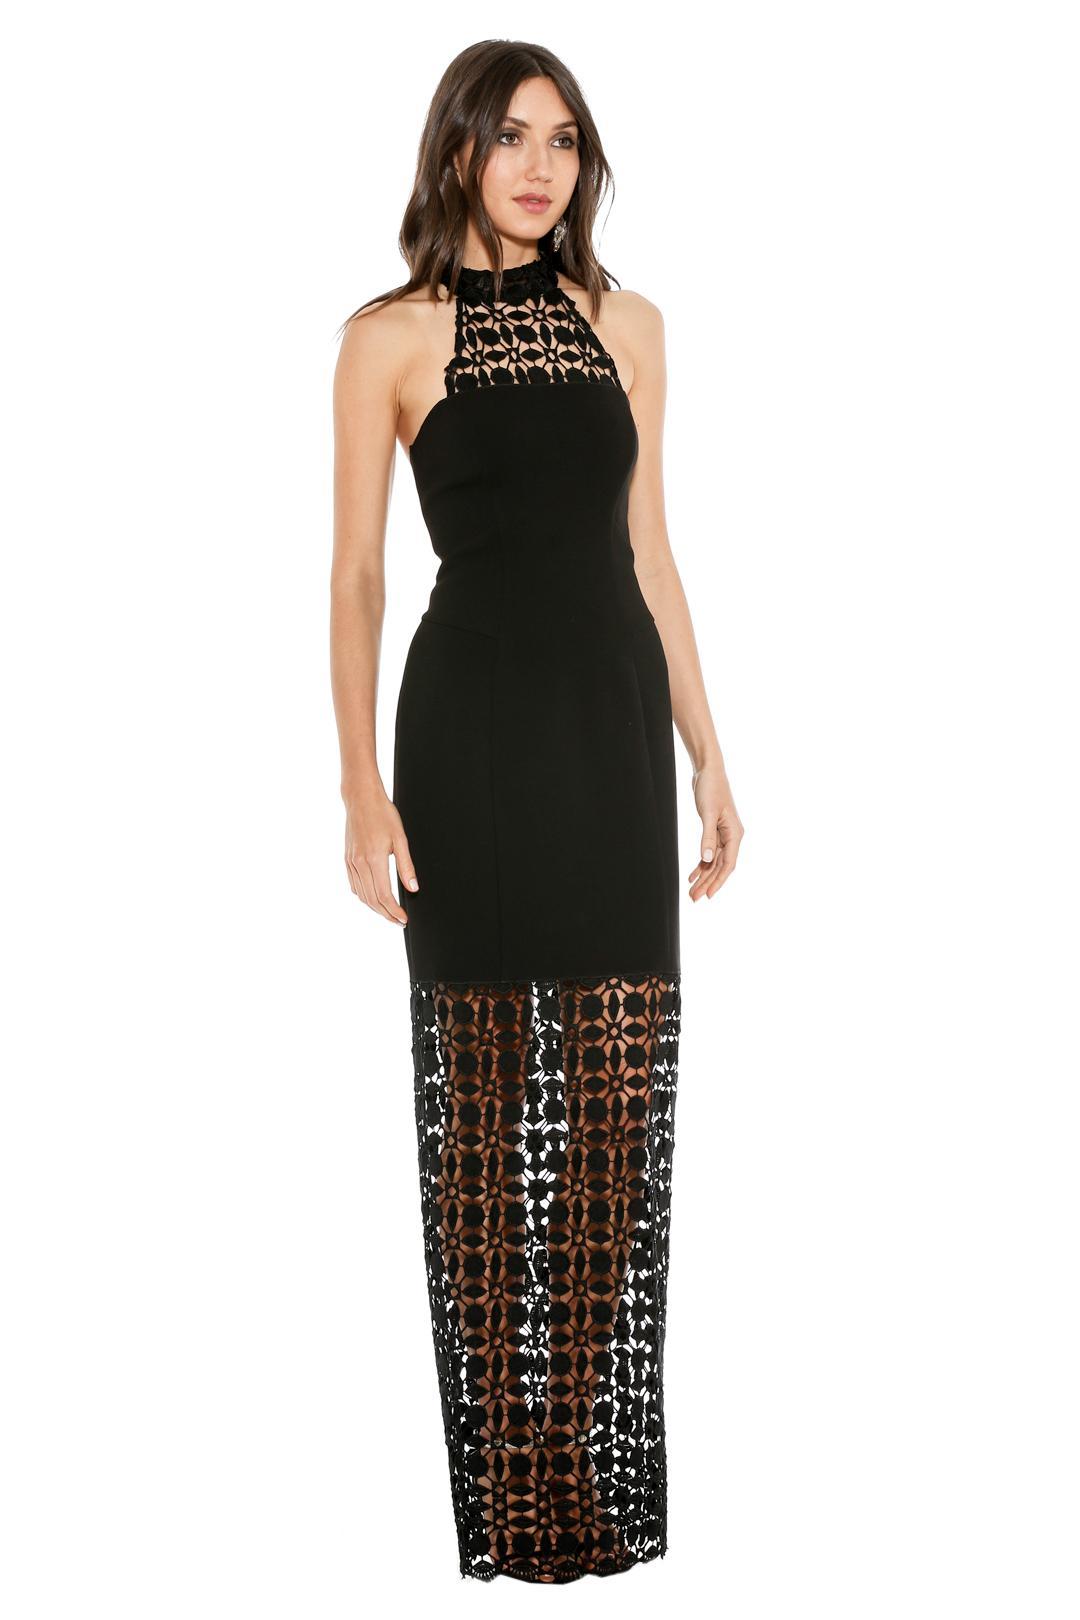 Lace Keyhole Tie Back Plus Size Halter Dress